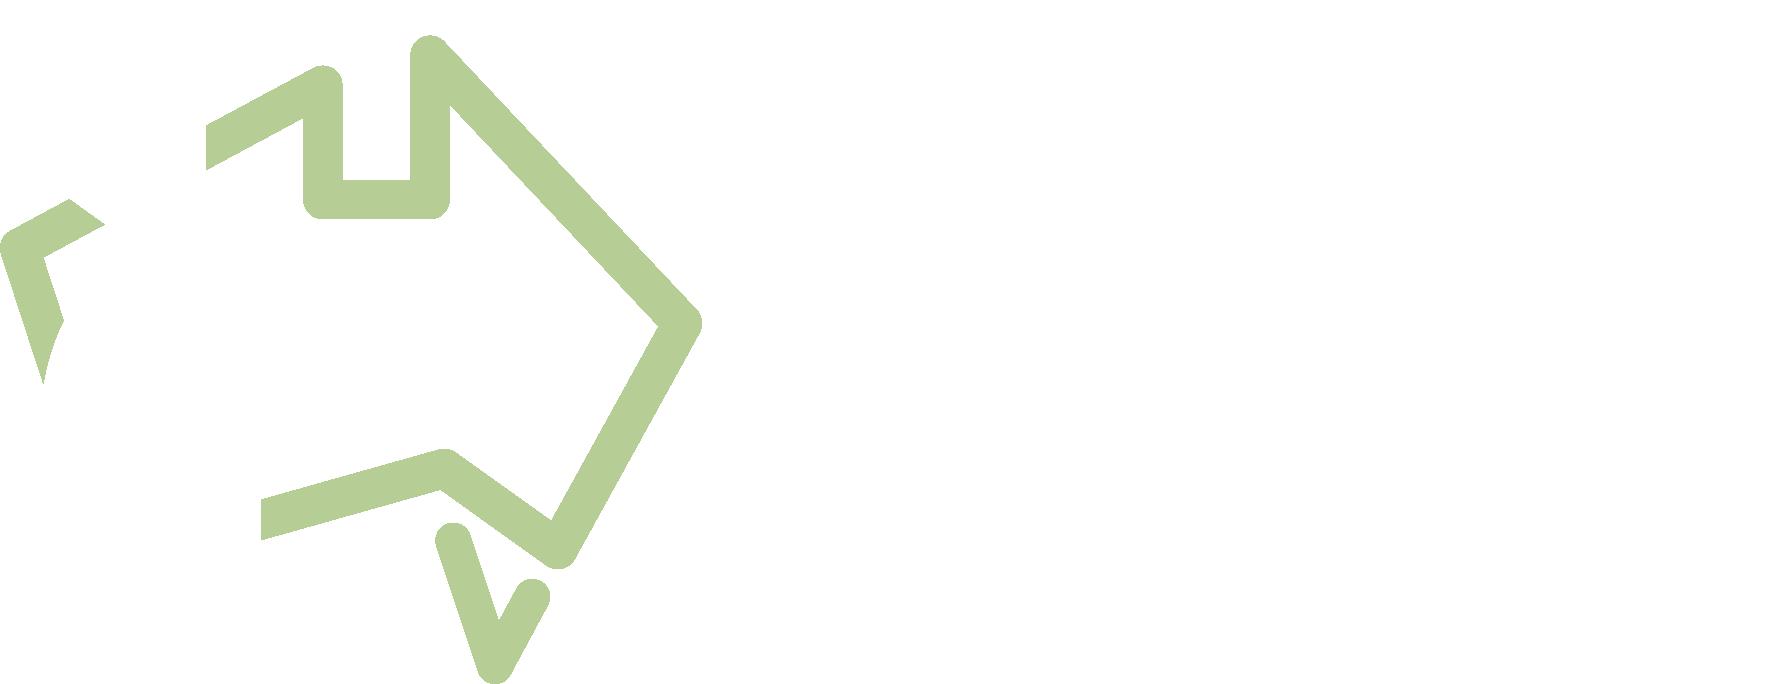 National Feral Deer Action Plan